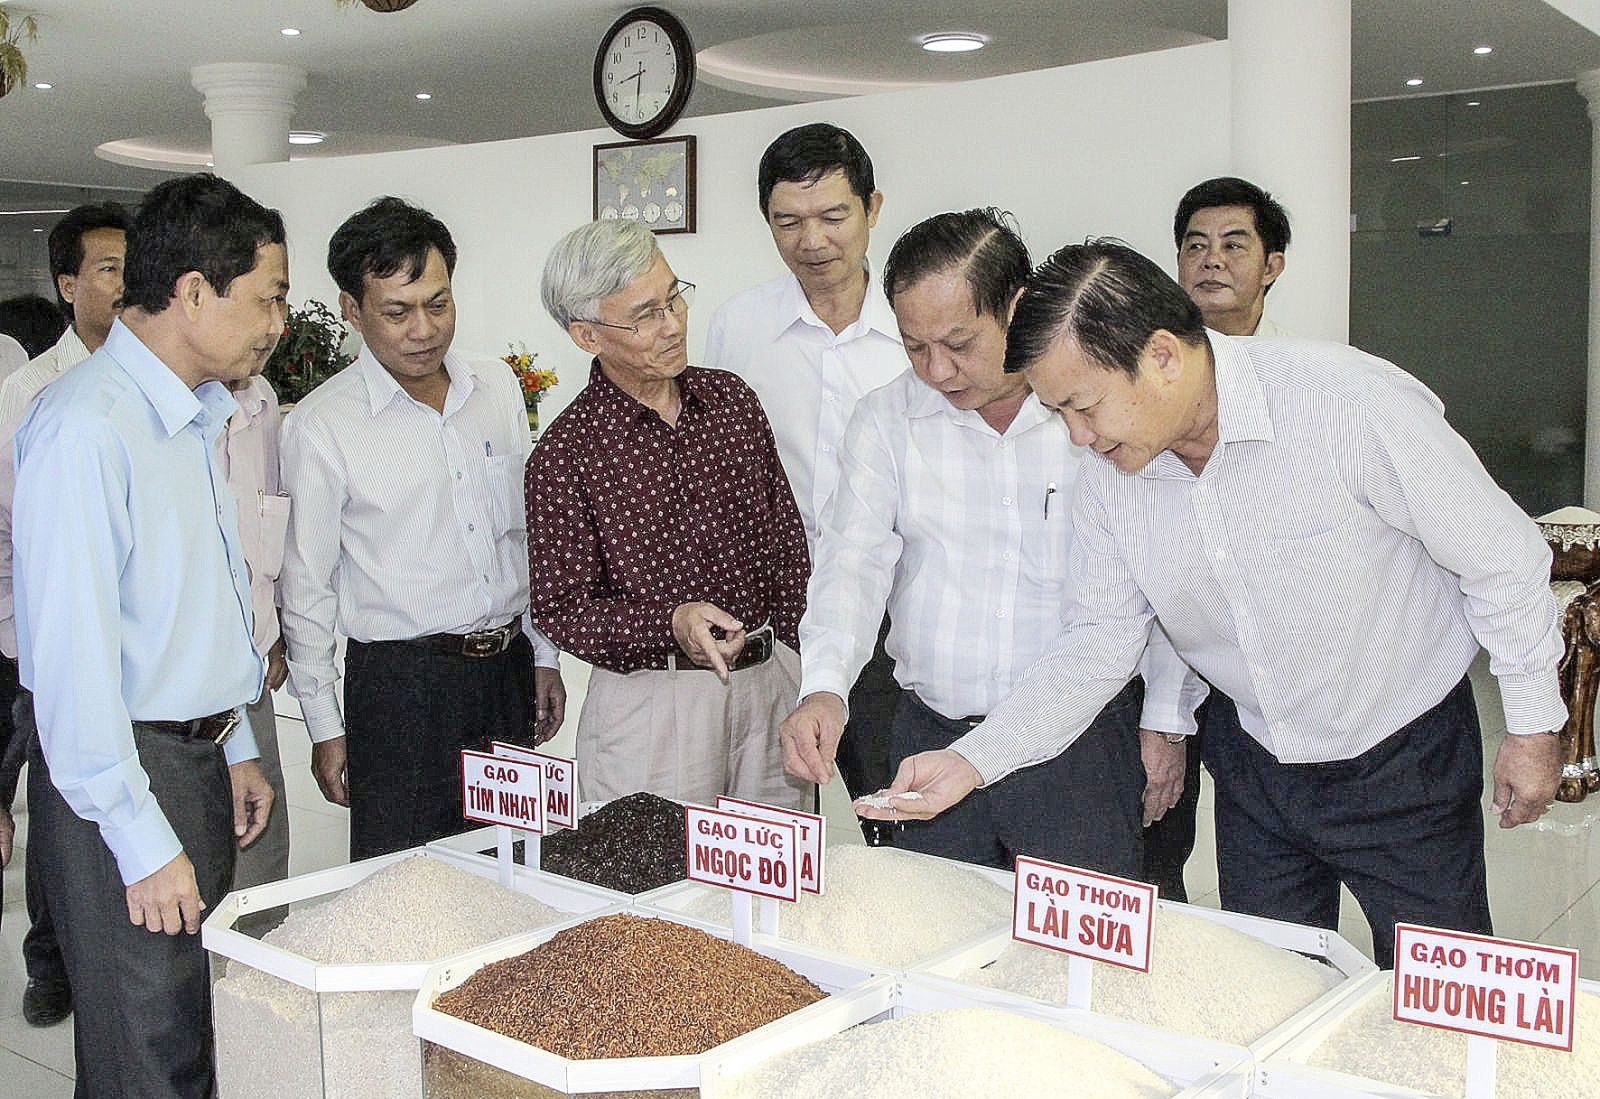 Công ty cổ phần Nông nghiệp công nghệ cao Trung An giới thiệu sản phẩm gạo của công ty đến lãnh đạo TP Cần Thơ. Ảnh: NAM HƯƠNG